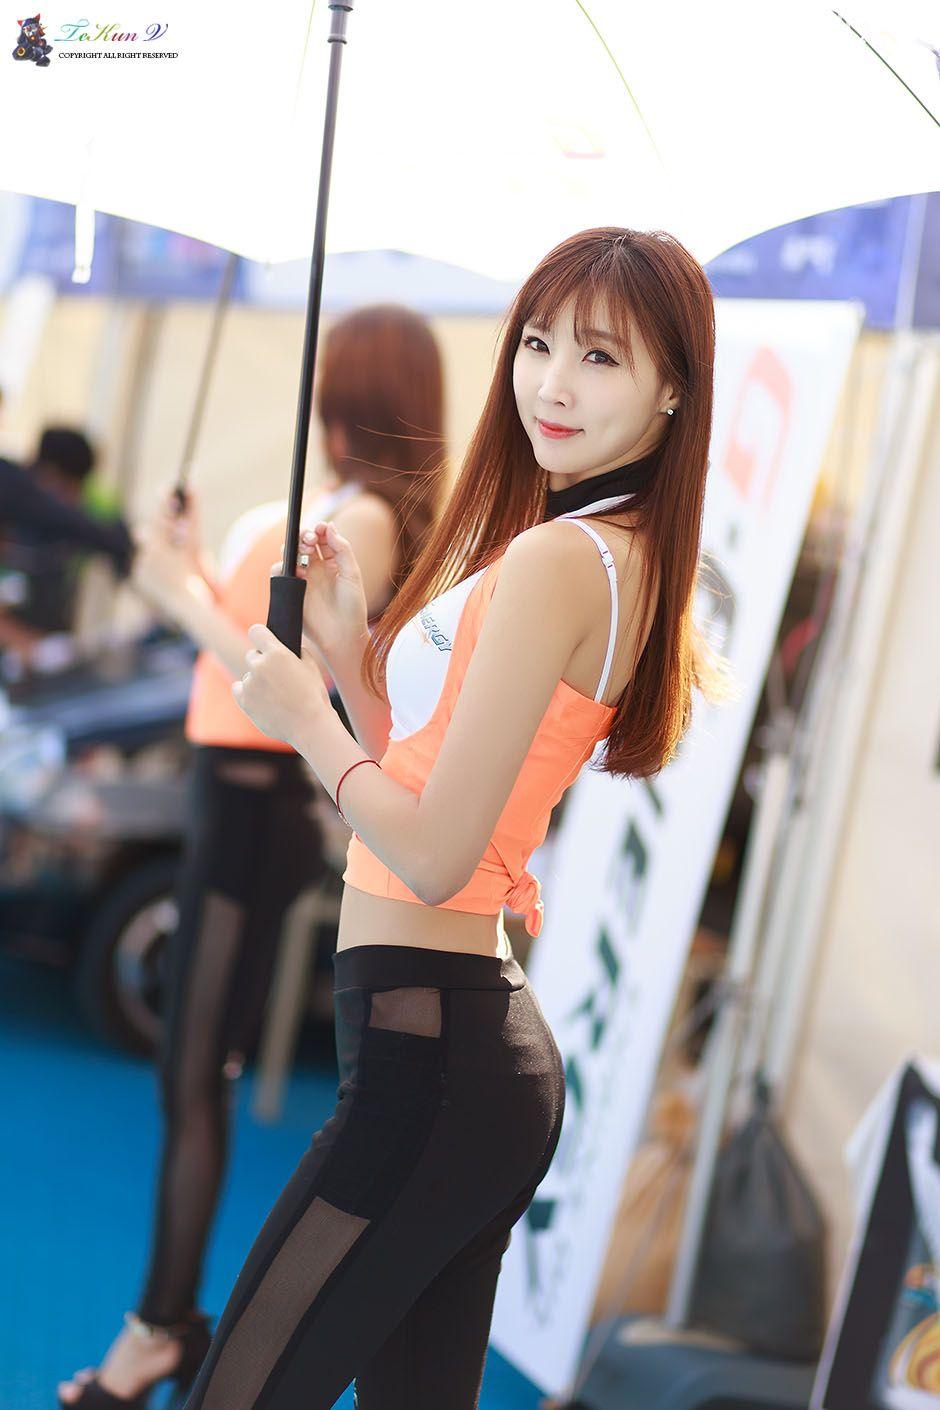 Image-Korean-Racing-Model-Lee-Yoo-Eun-Incheon-KoreaTuning-Festival-Show-TruePic.net- Picture-7